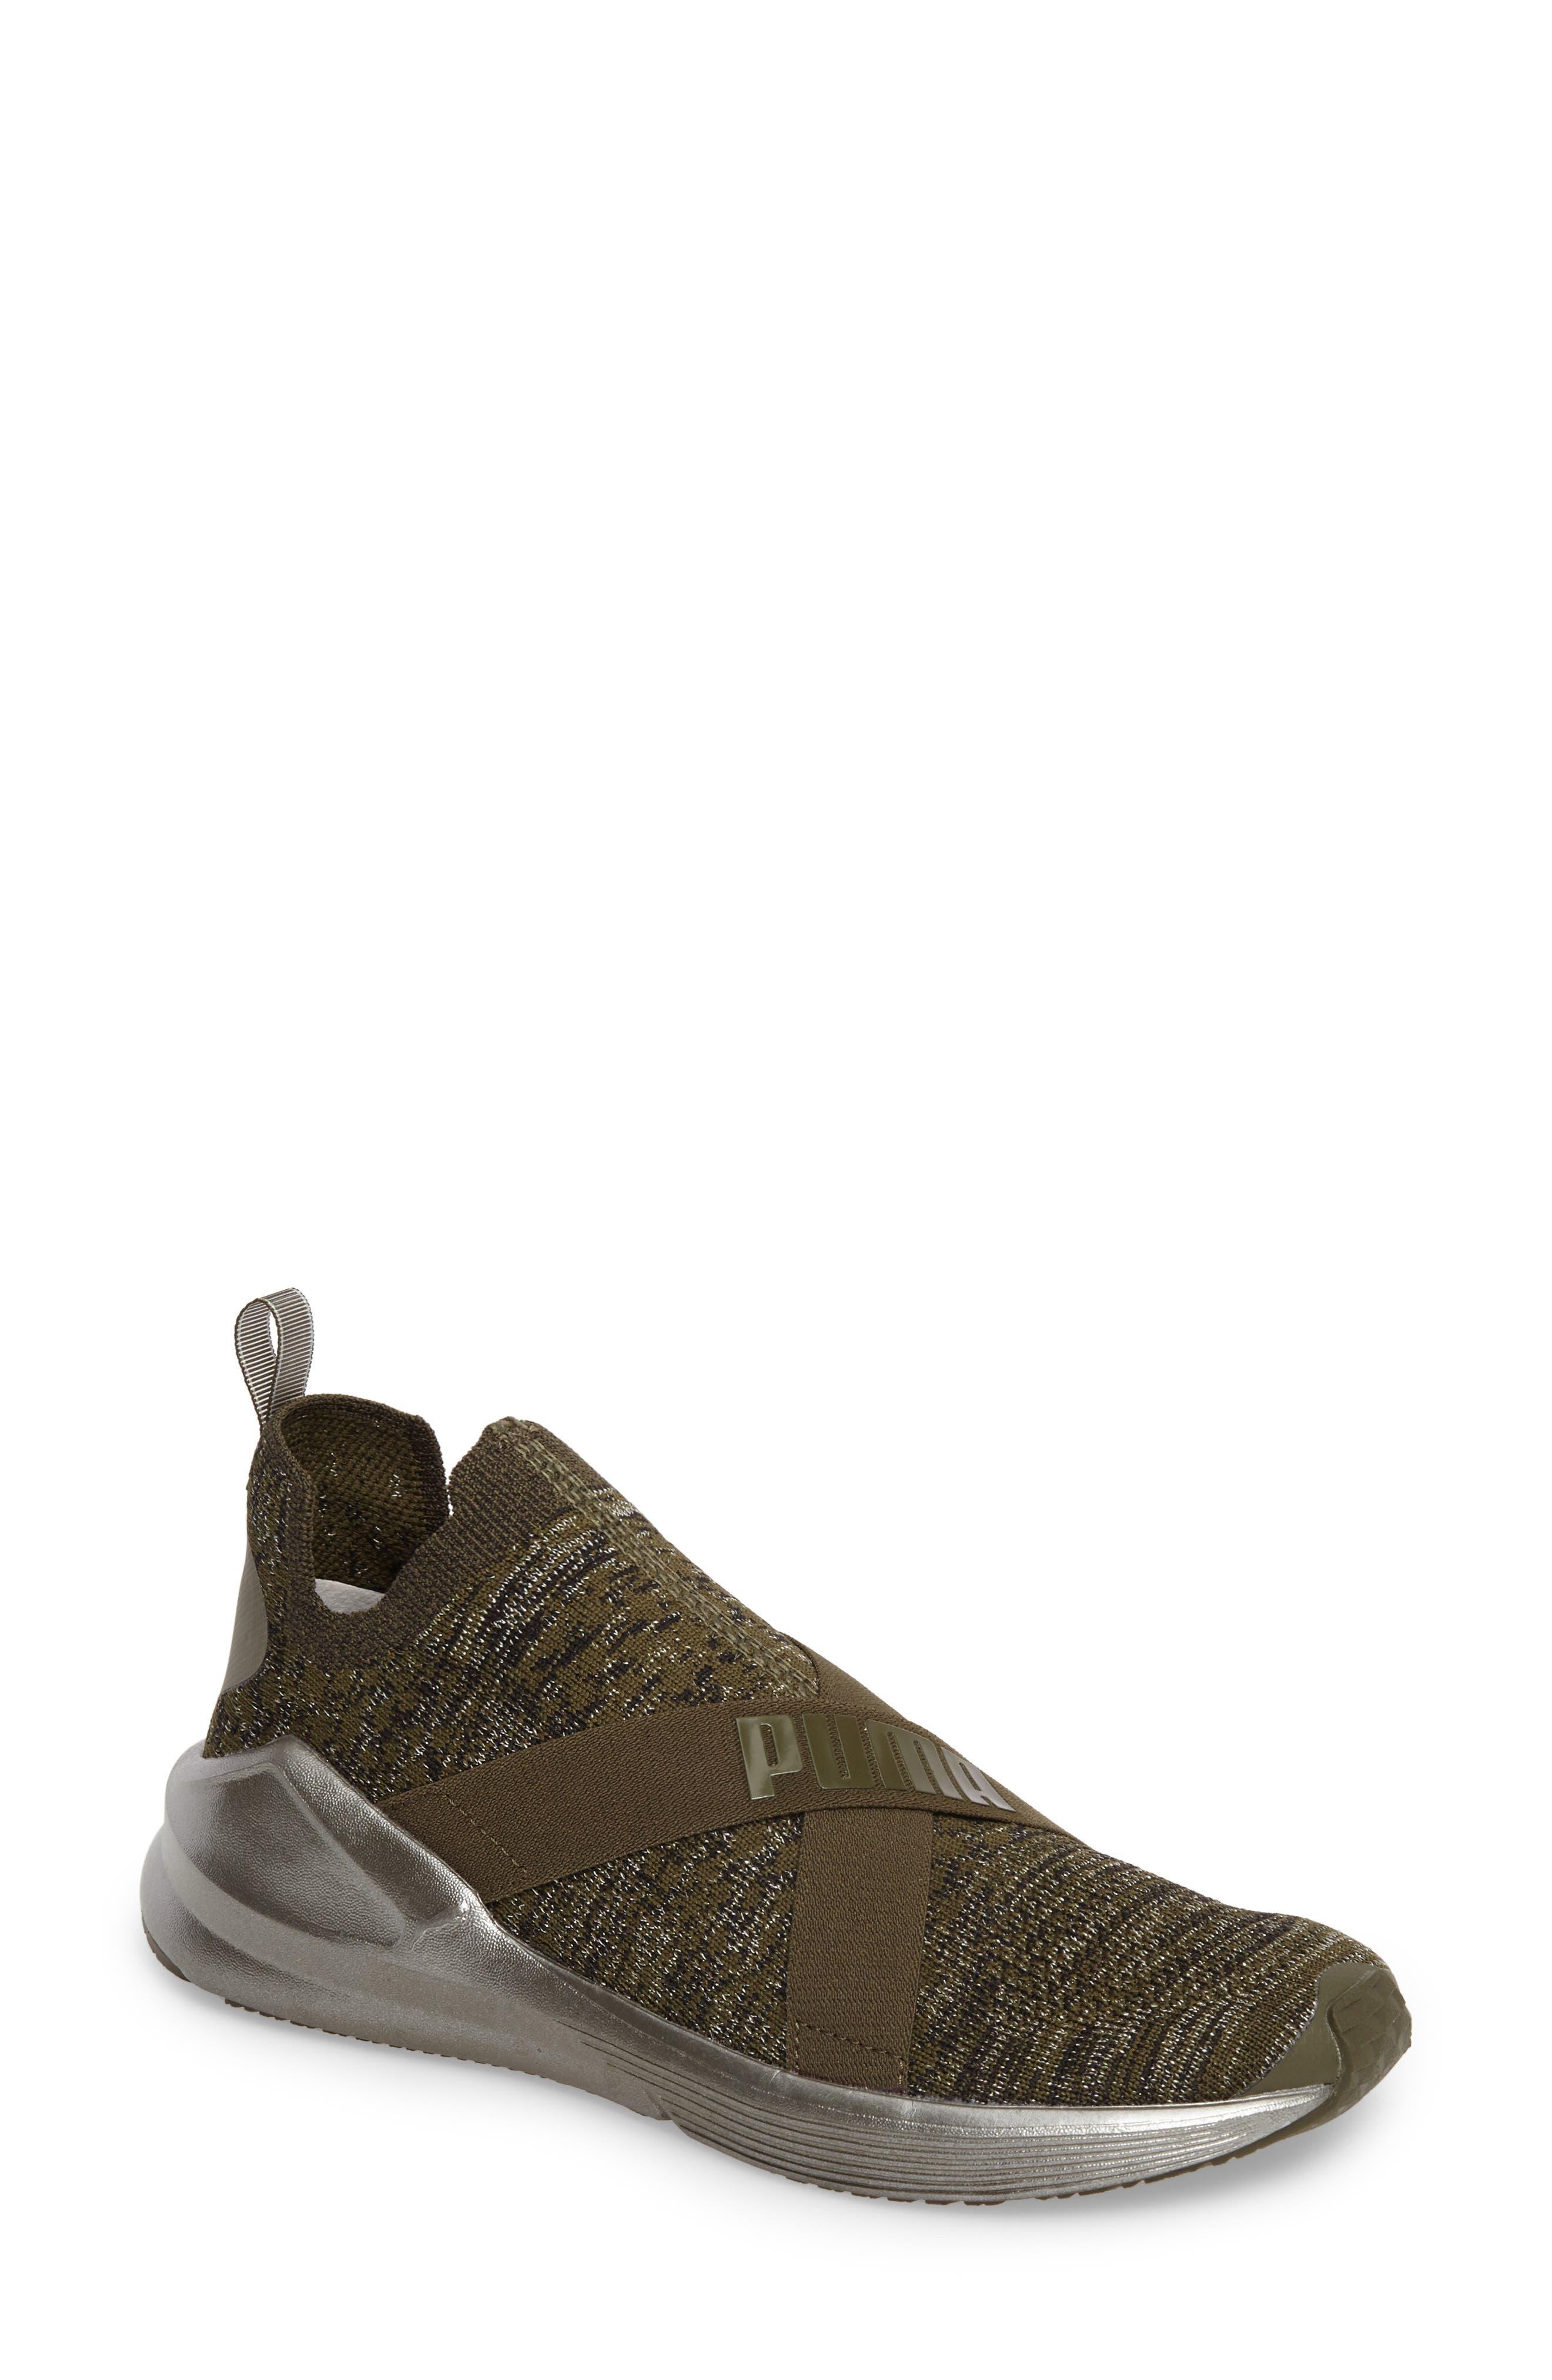 PUMA Fierce evoKnit Training Sneaker (Women)